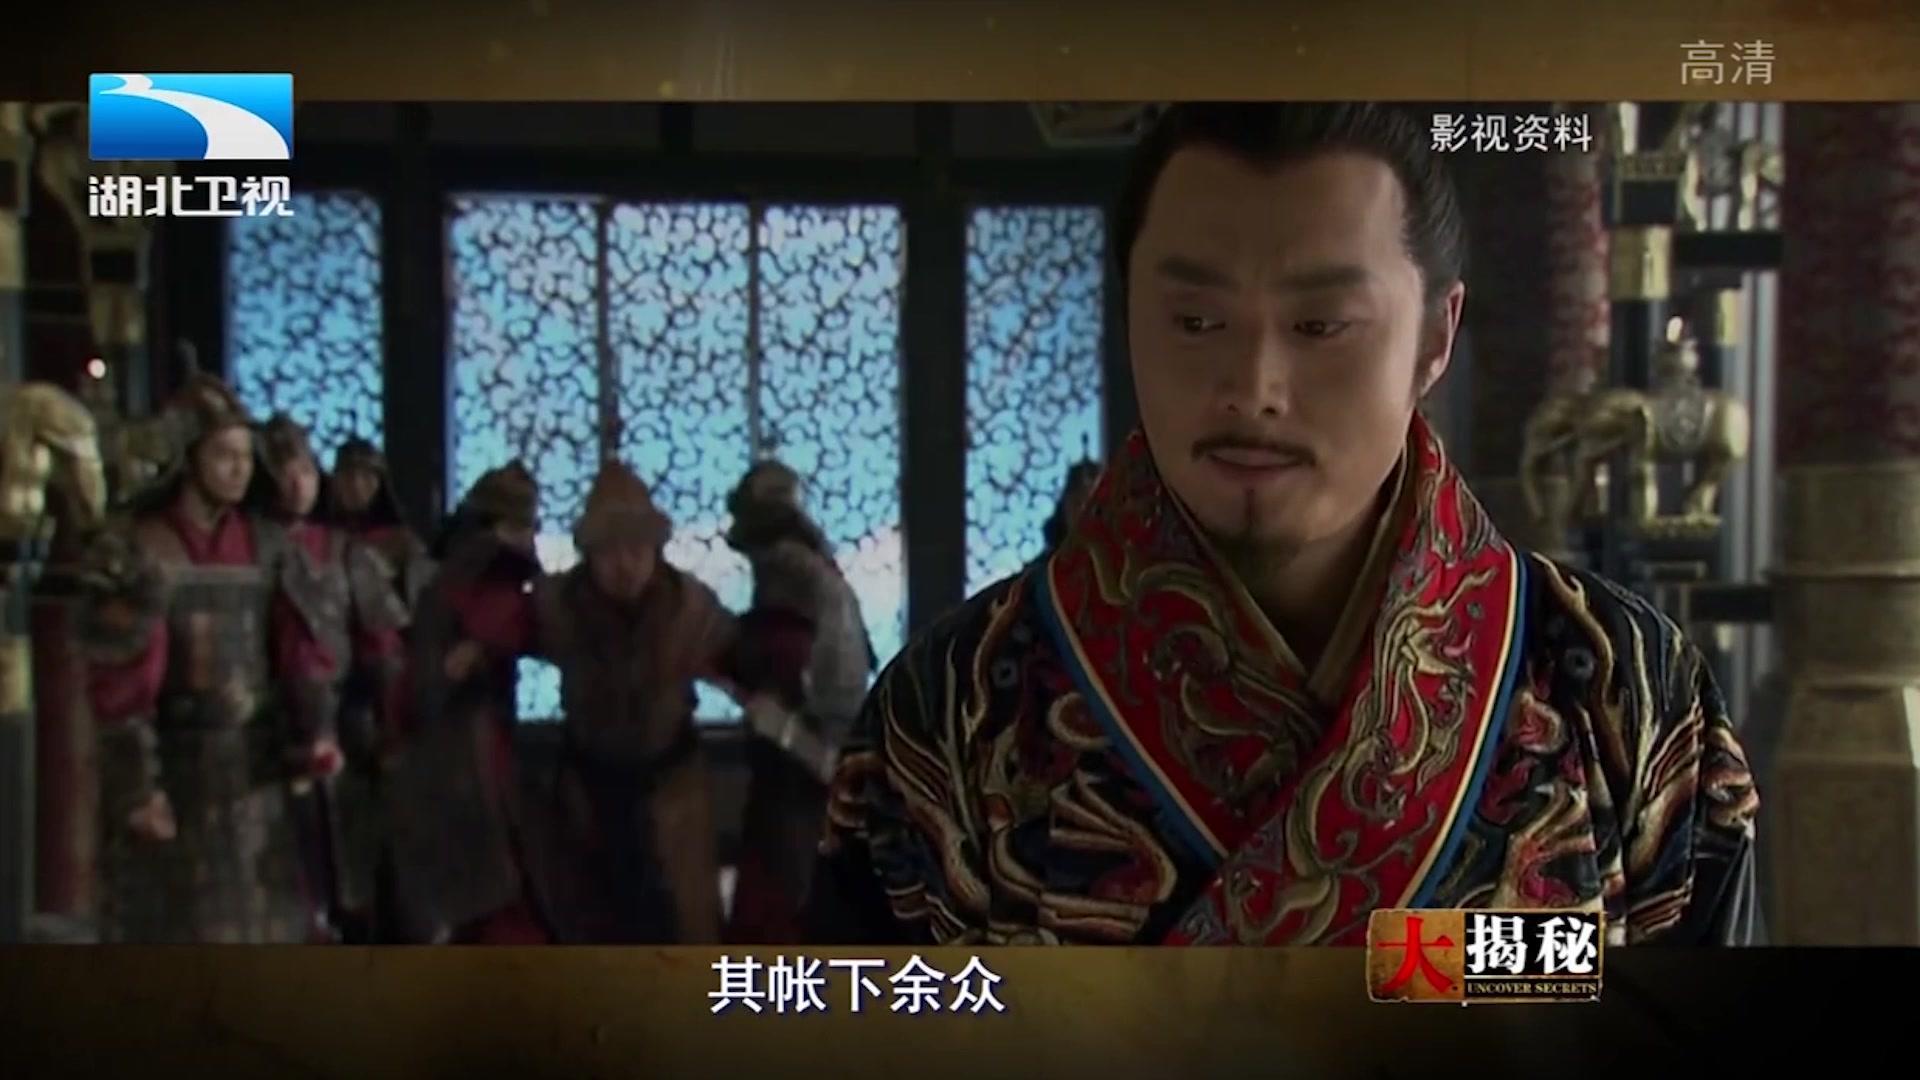 李世民上位遭突厥二十万军压境,为何其只带六人迎战? 大揭秘安卓版